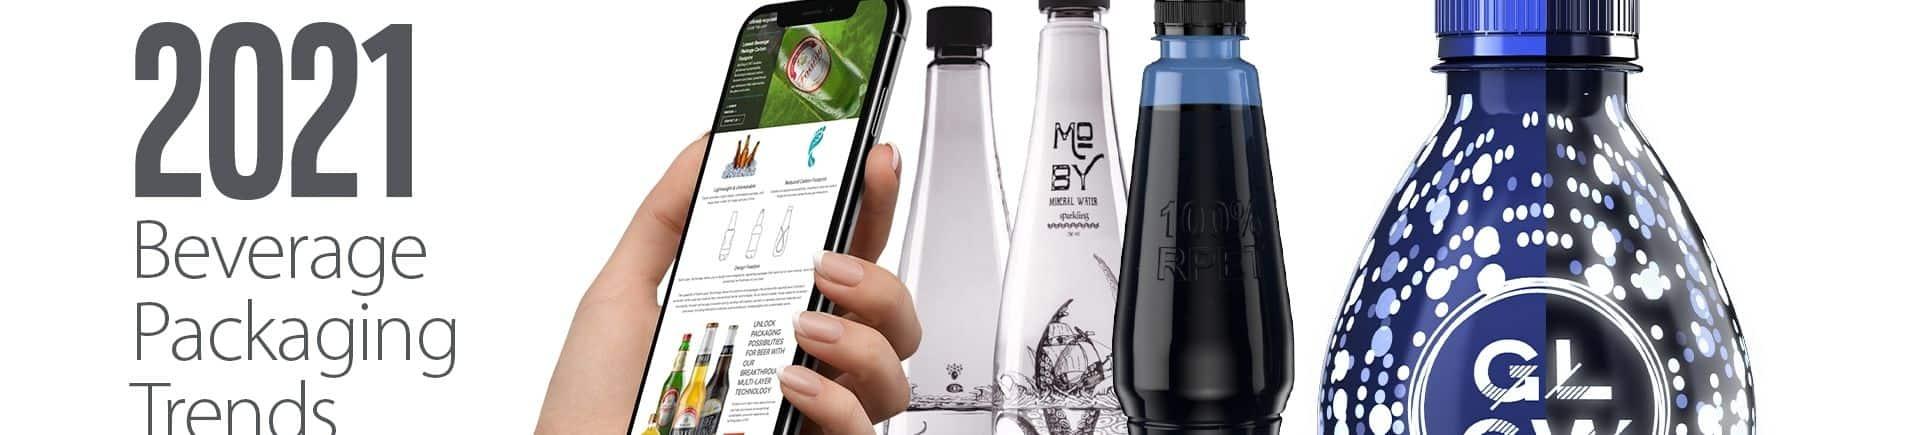 Beverage Packaging